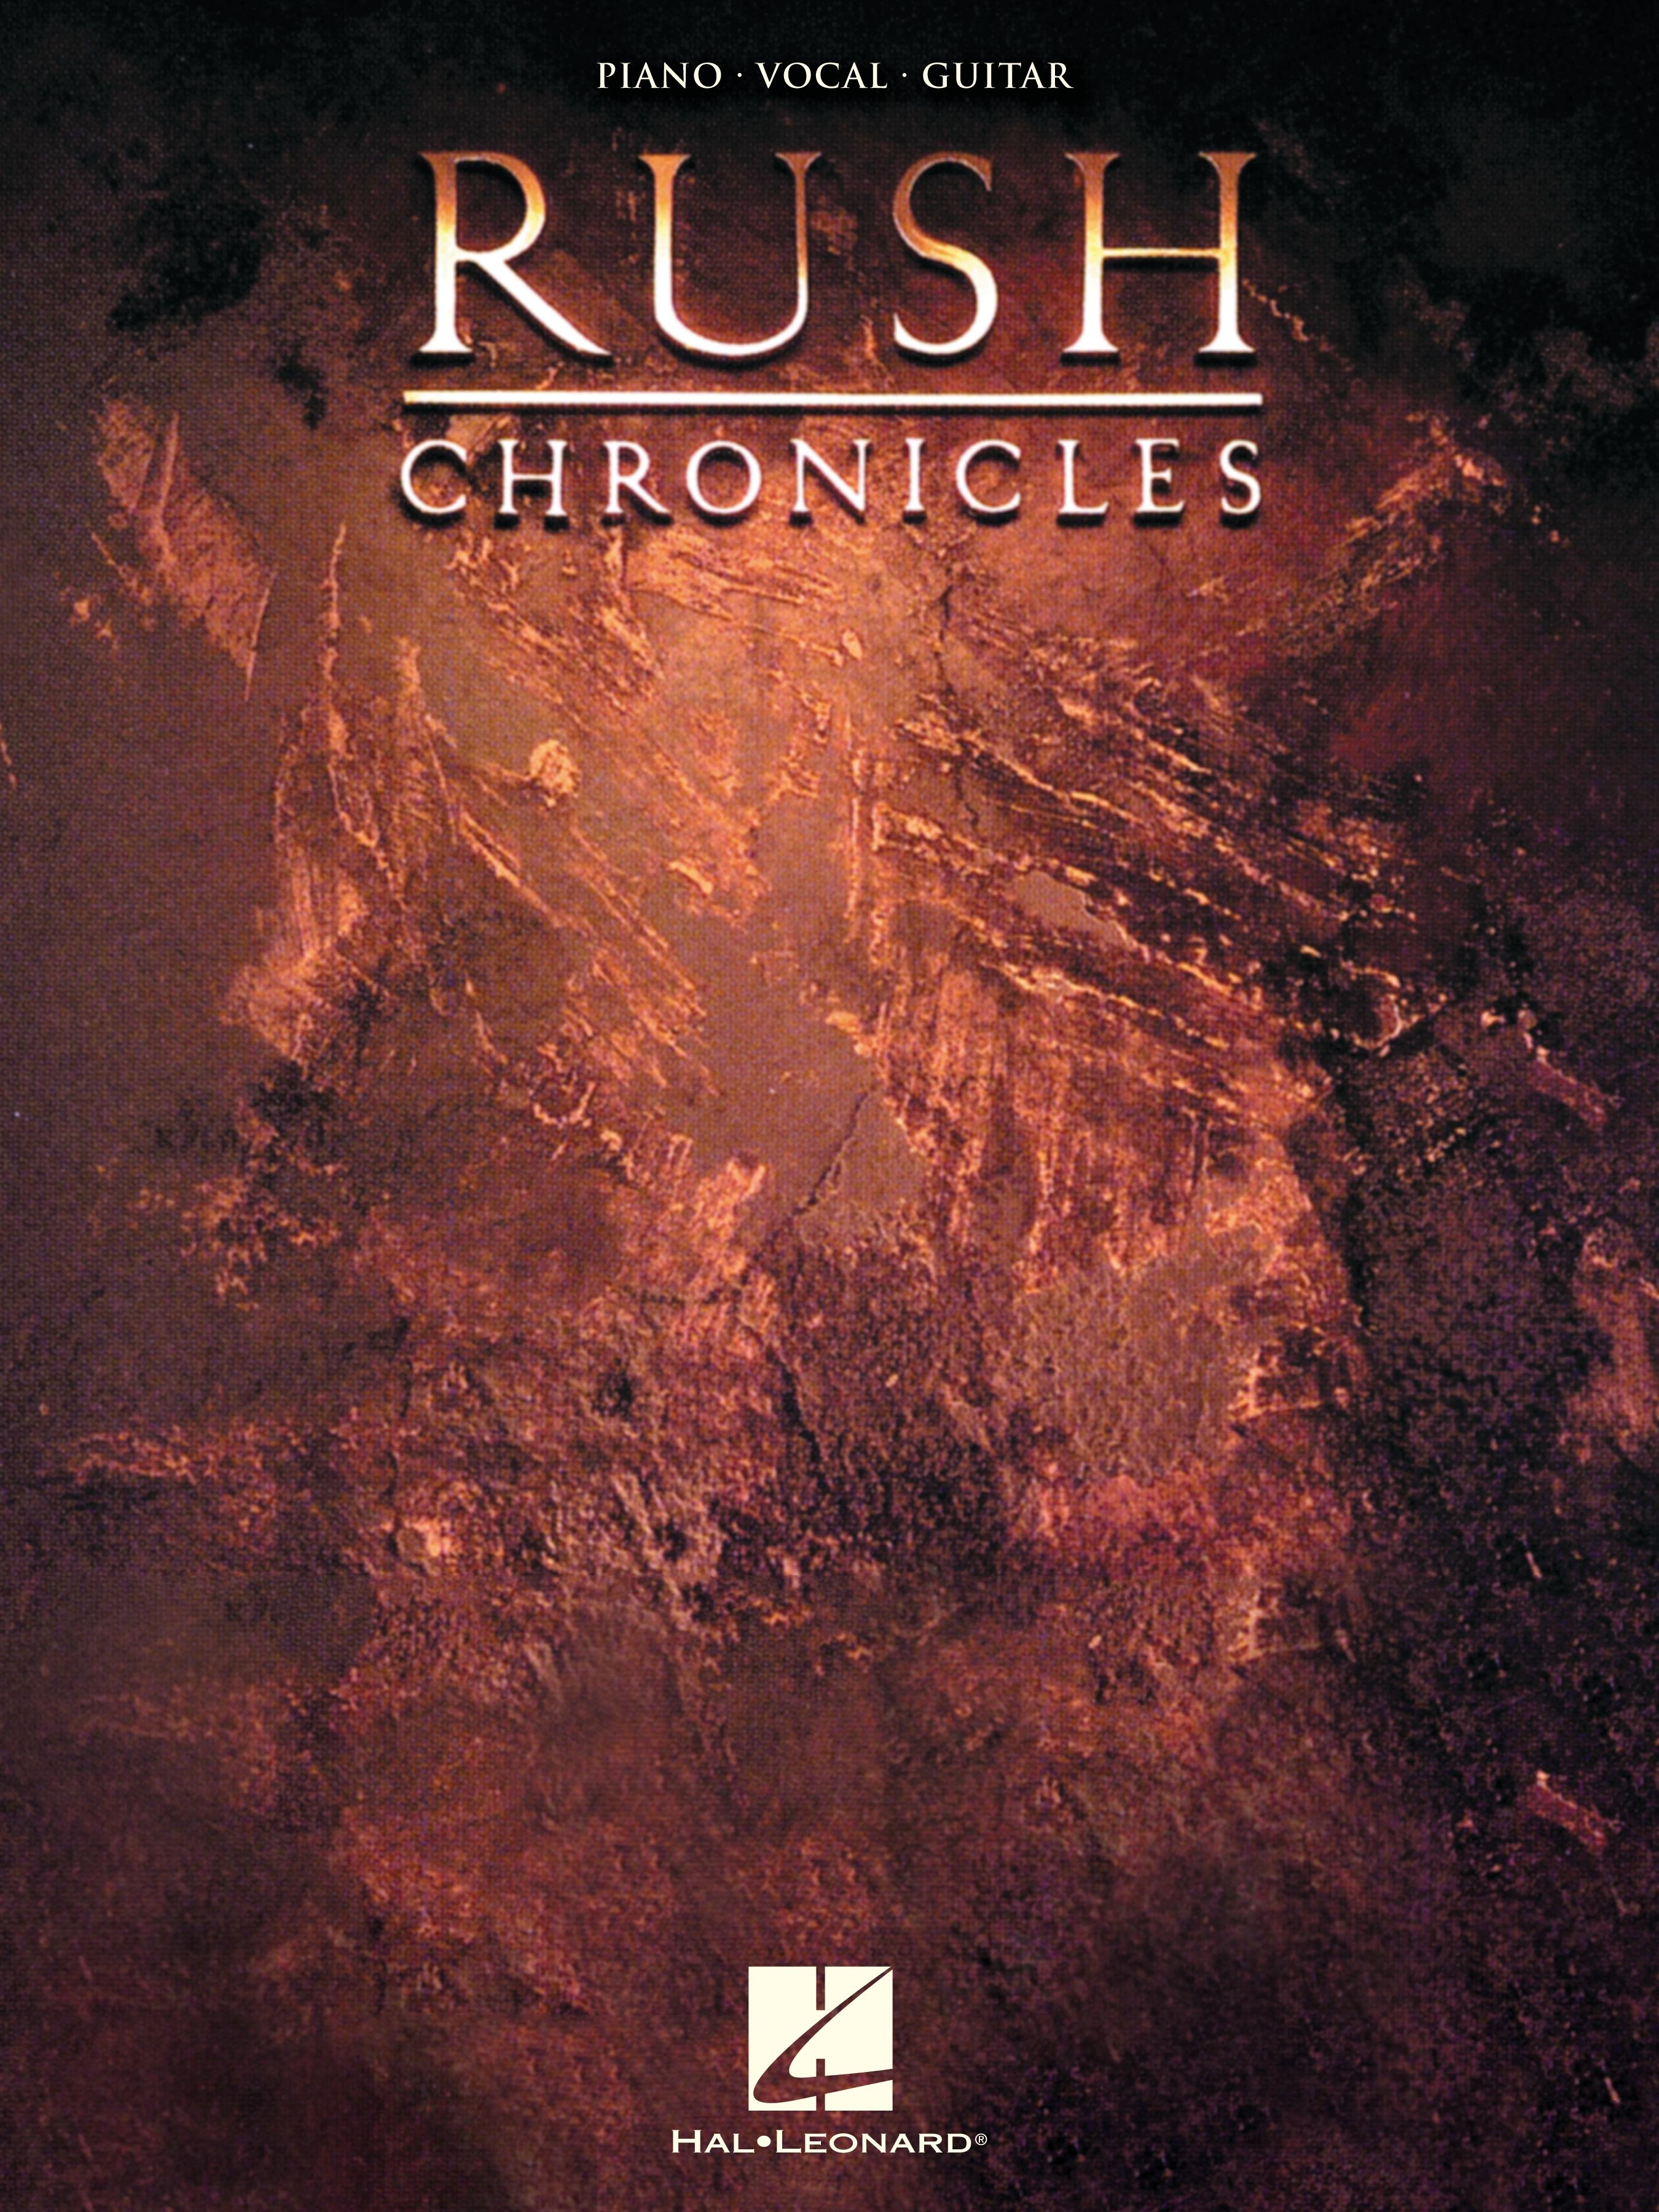 Rush: Chronicles